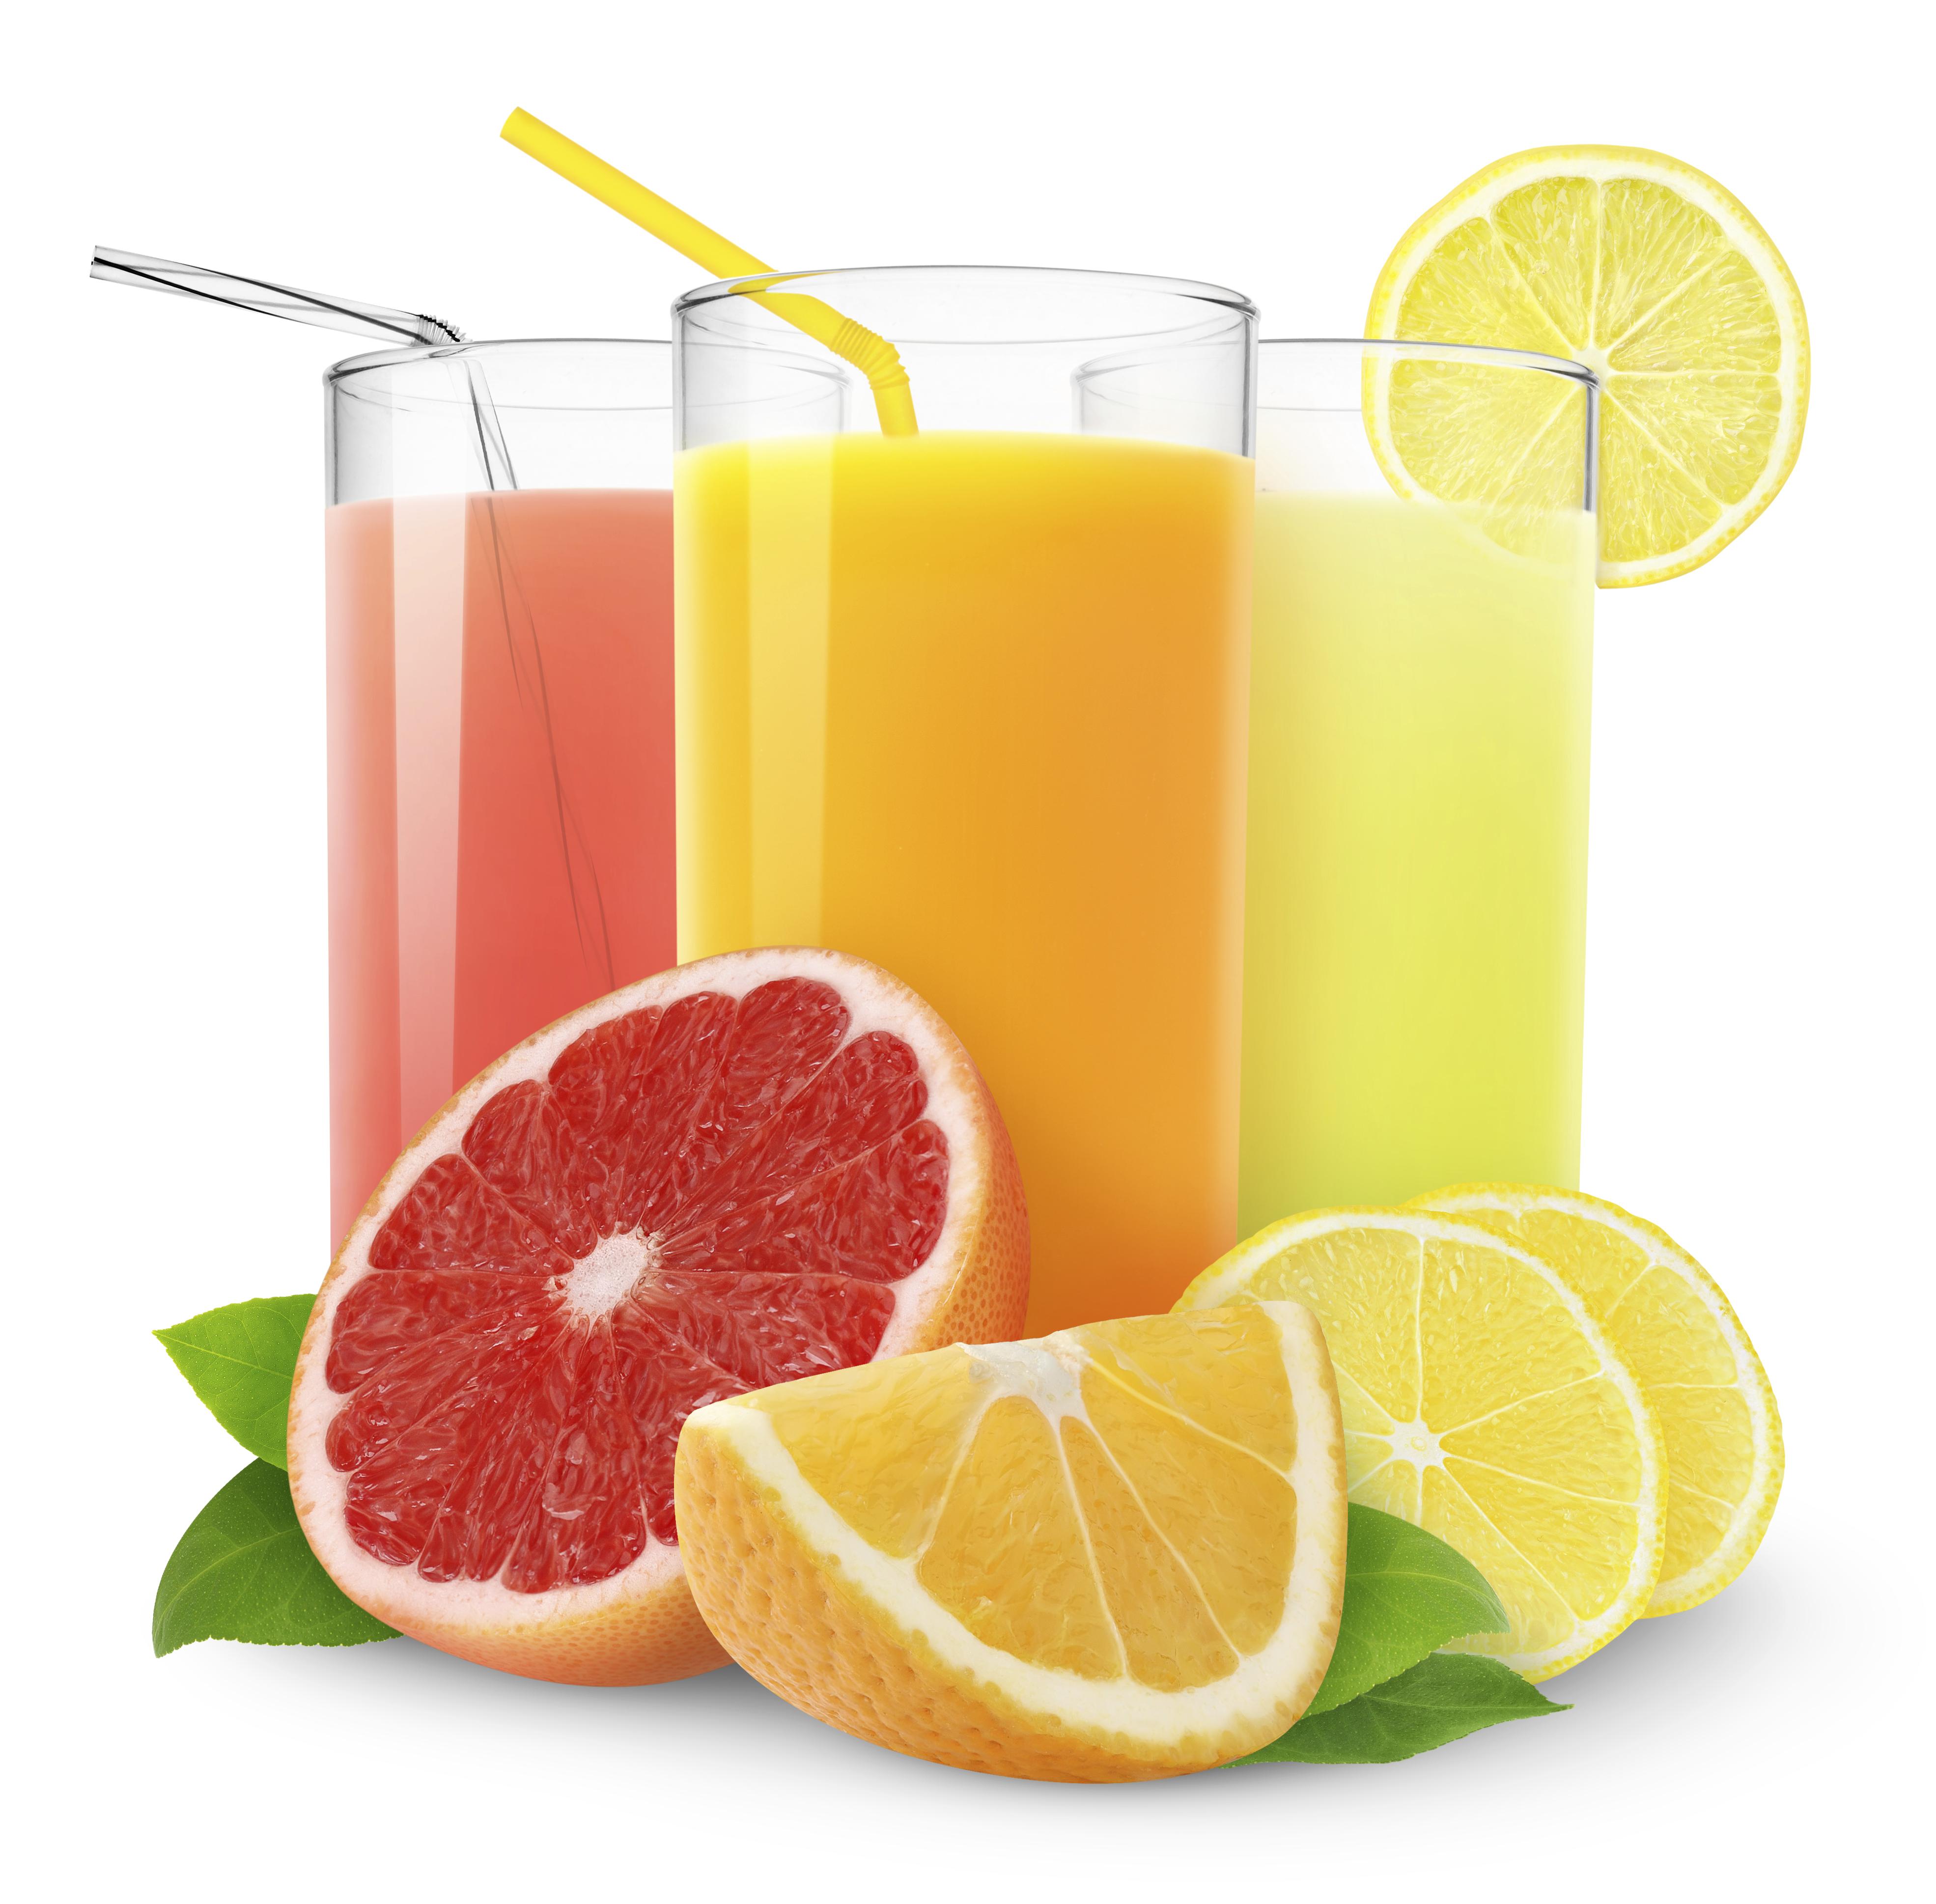 El poder de hidrataci n de los zumos de frutas eden springs for Coctel con zumo de tomate